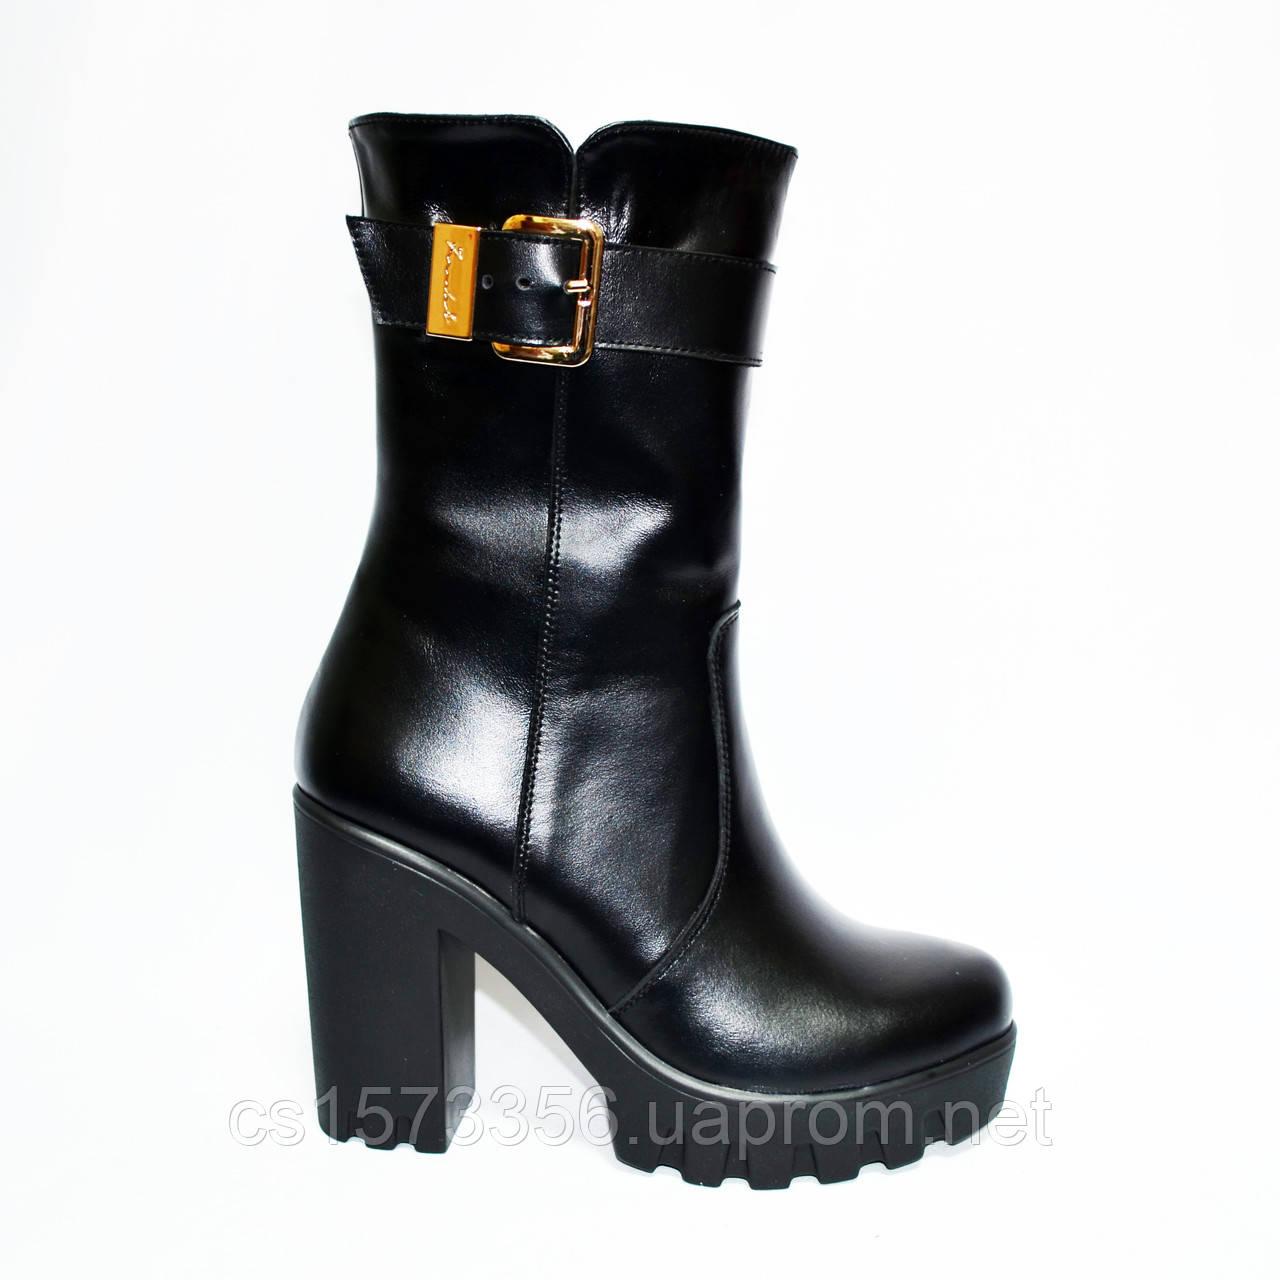 Женские кожаные ботинки зимние на тракторной подошве